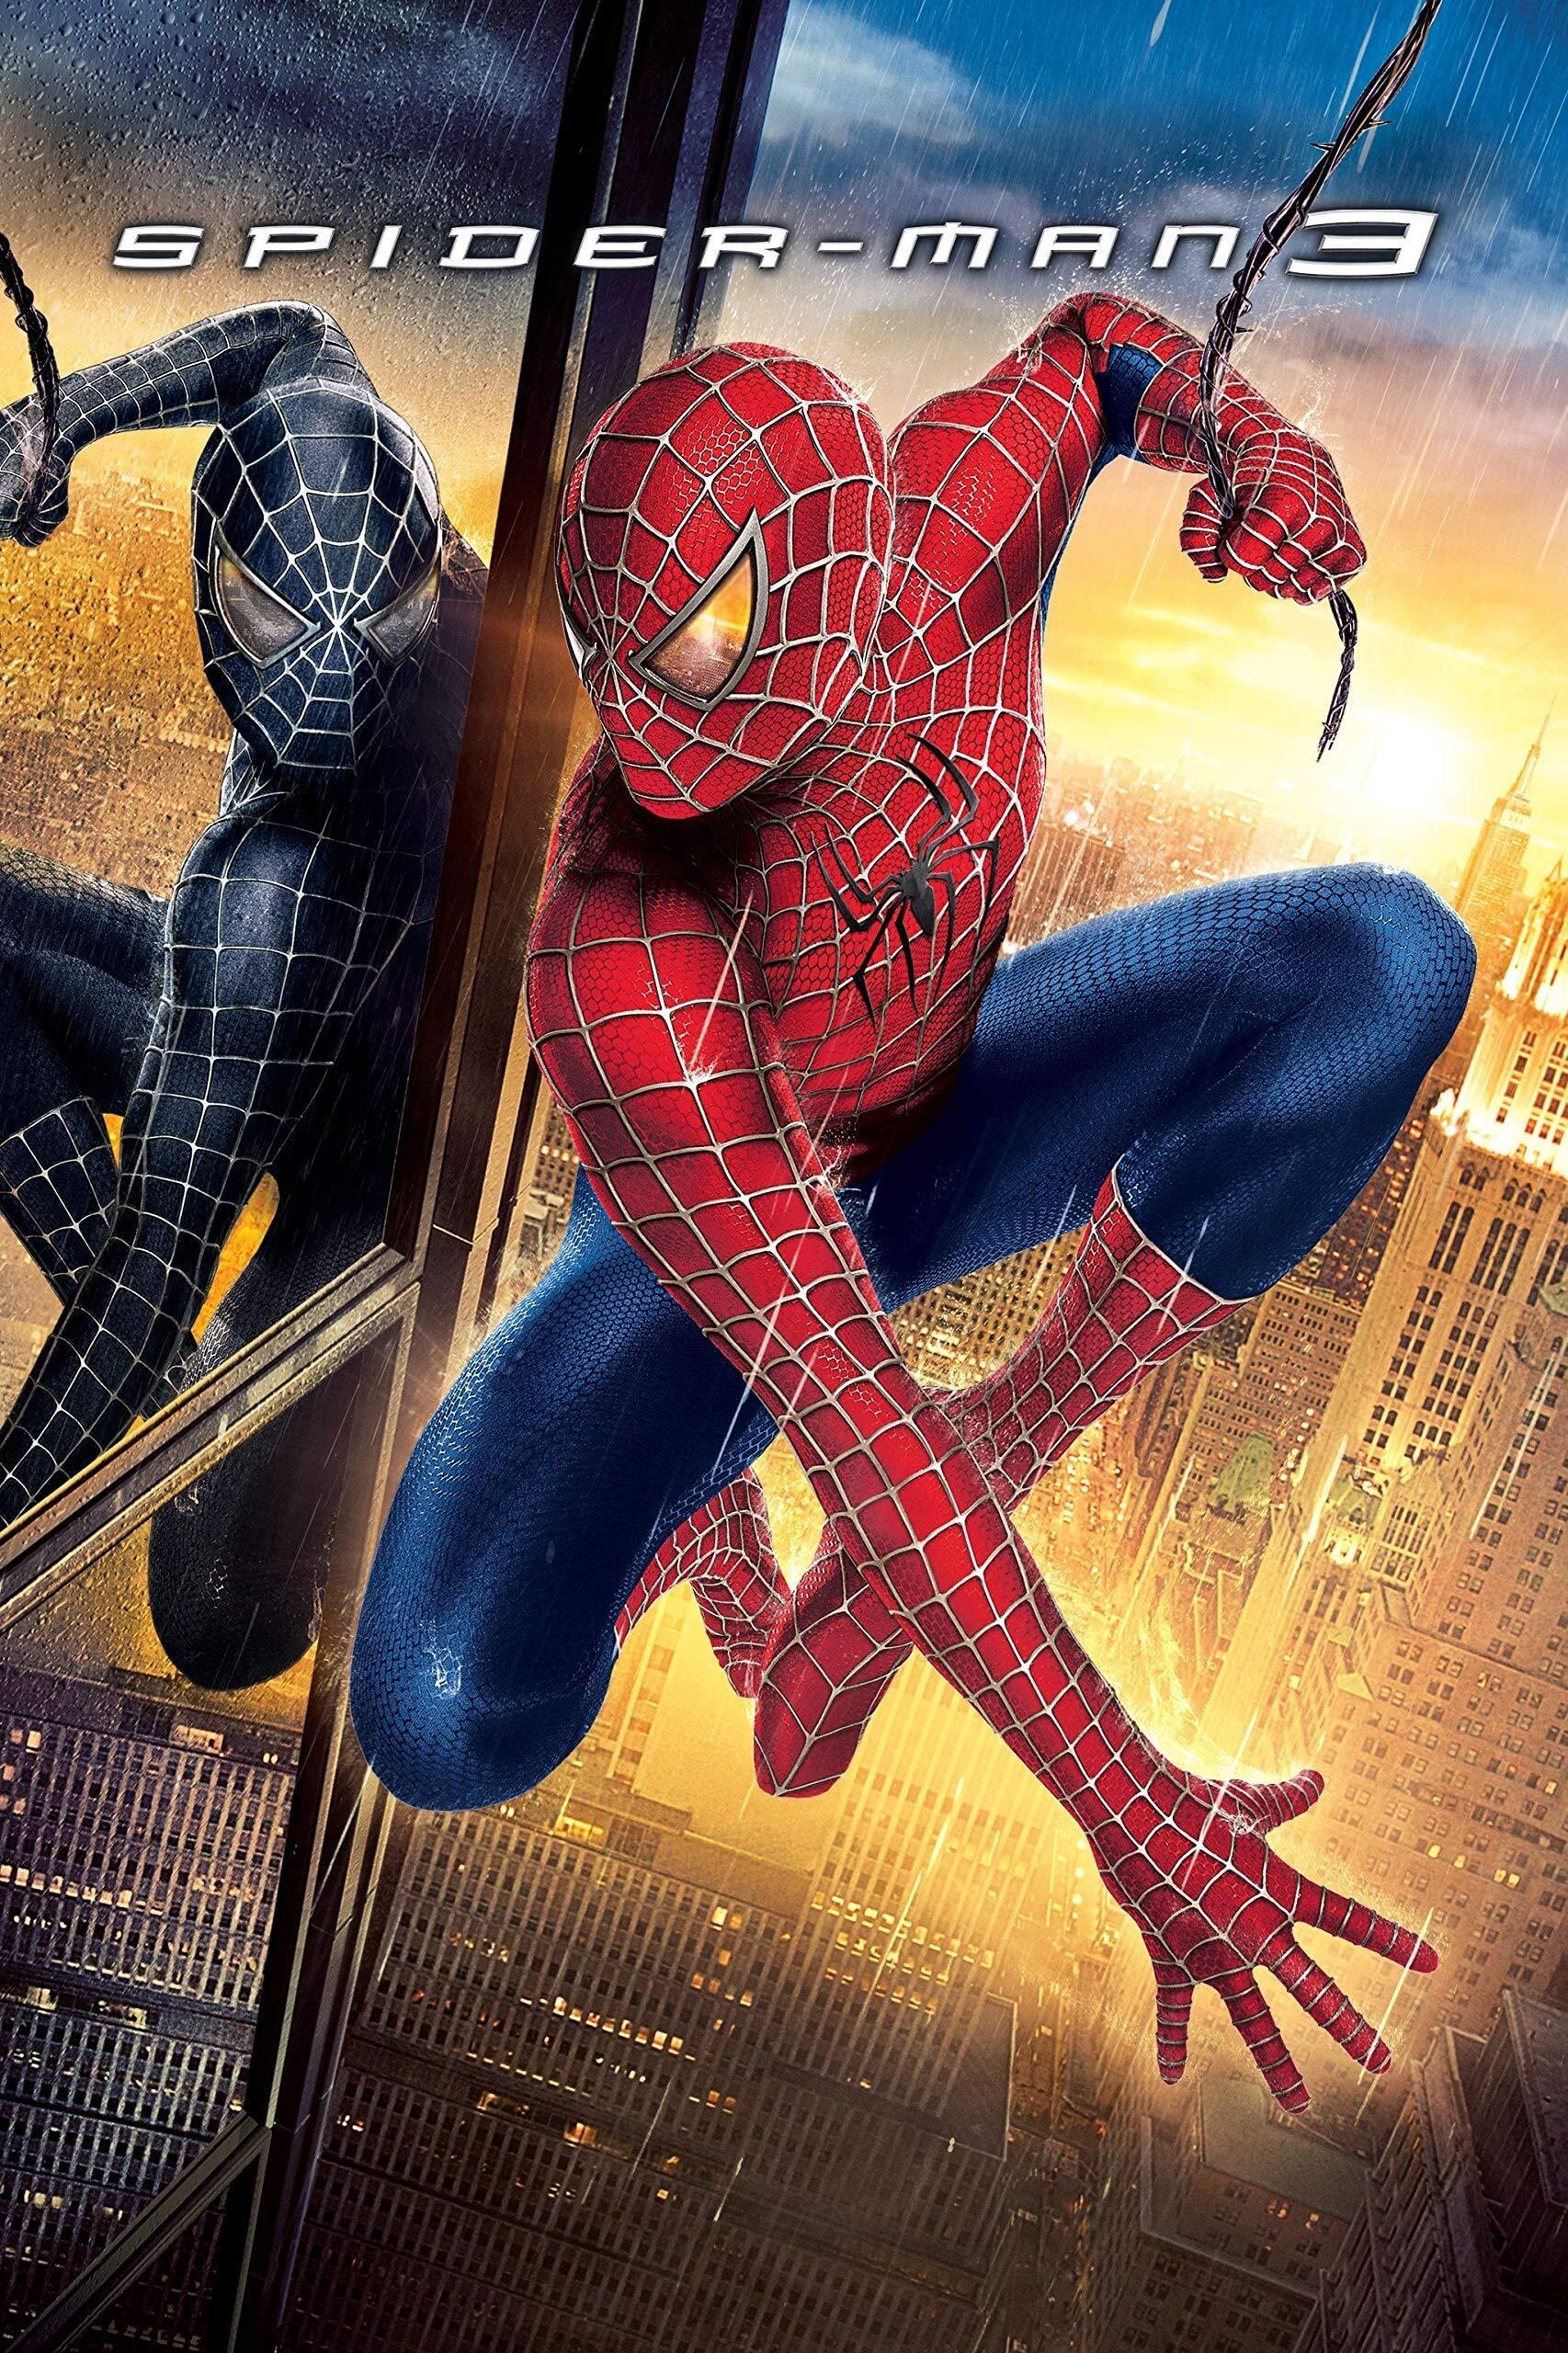 Spider-Man 3 (2007) Ganzer Film Deutsch